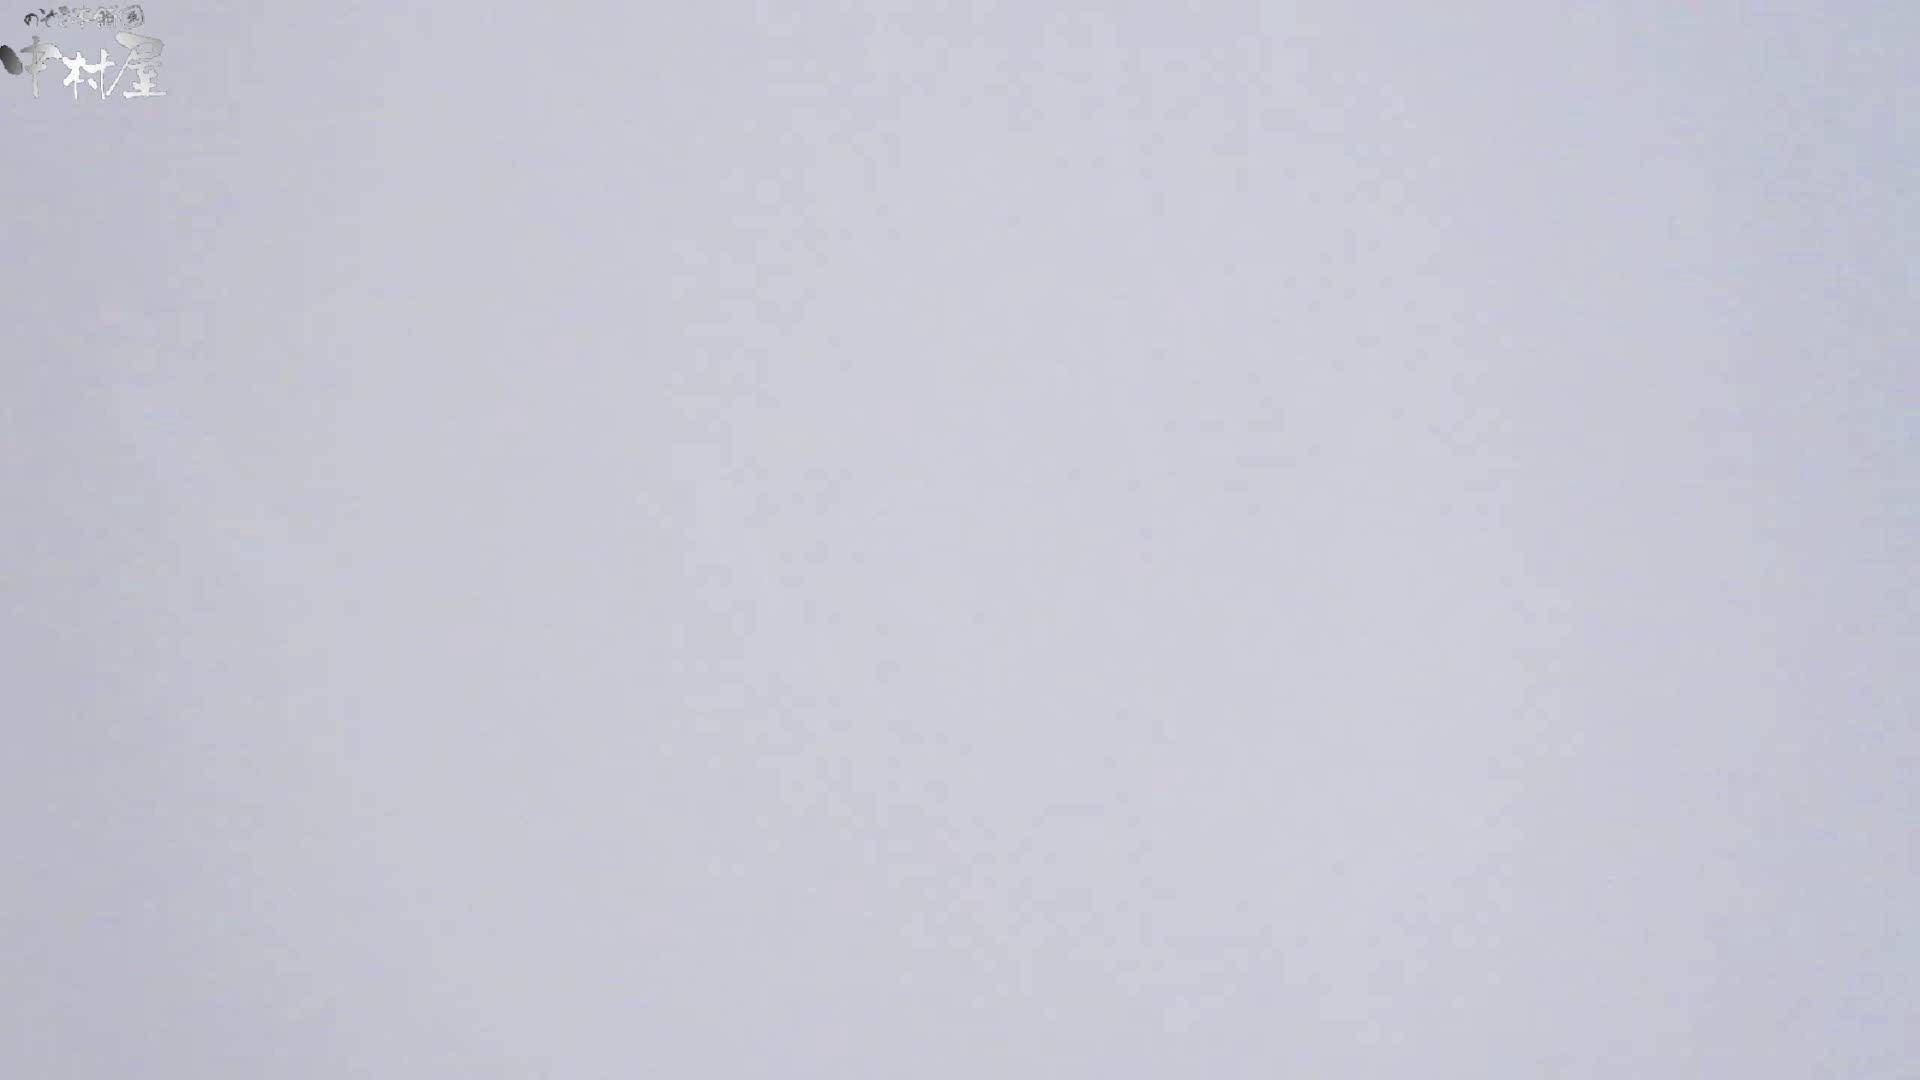 魂のかわや盗撮62連発! 上から顔も・・・ 29発目! 盗撮シリーズ | 黄金水  103PIX 91